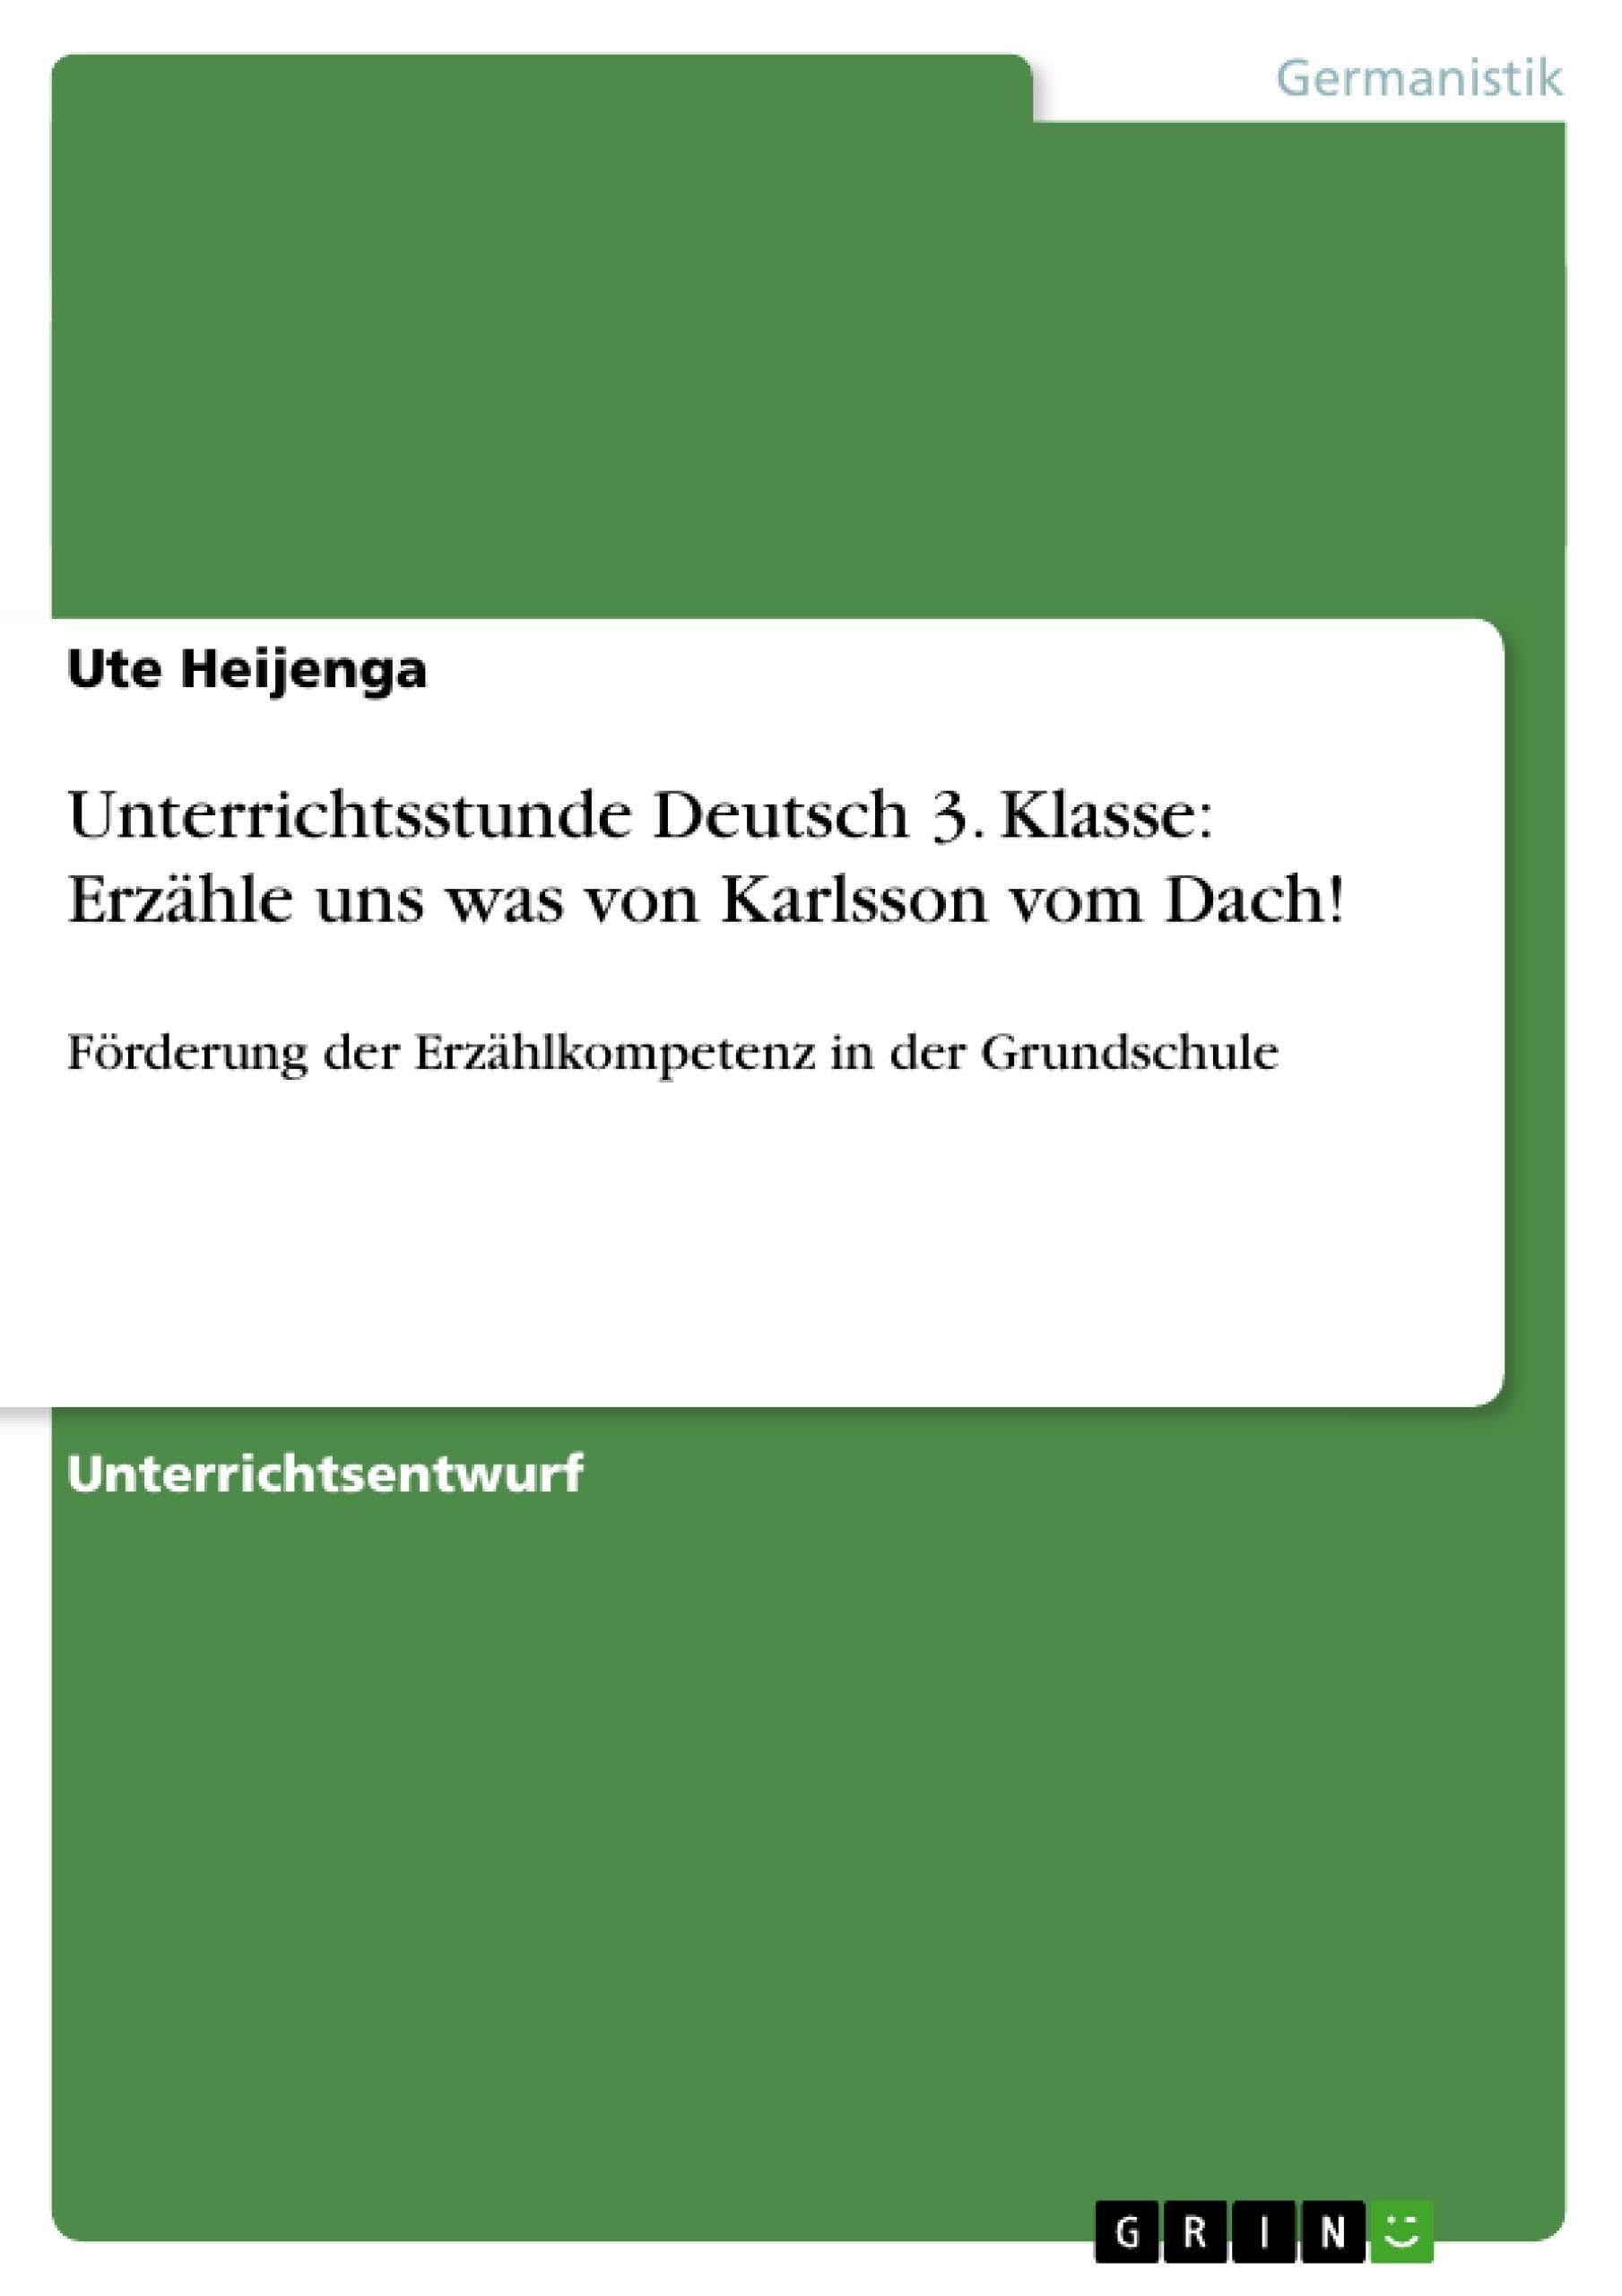 Titel: Unterrichtsstunde Deutsch 3. Klasse: Erzähle uns was von Karlsson vom Dach!